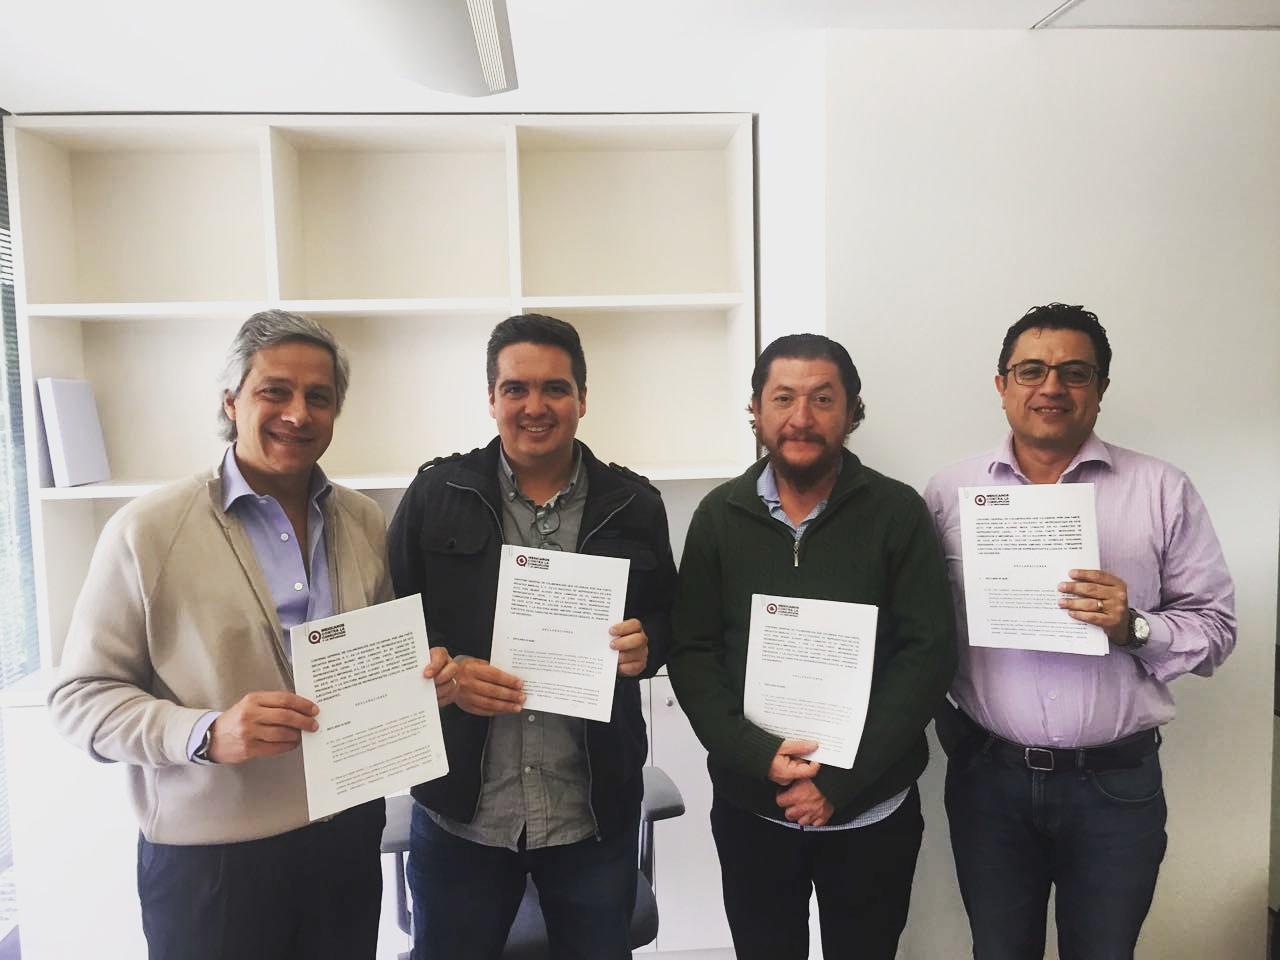 De izquierda a derecha: Claudio X González, presidente de Mexicanos Contra la Corrupción y la Impunidad (MCCI); Silber Meza, director de Iniciativa Sinaloa (IS); Francisco Cuamea, asociado fundador de IS; Daniel Lizárraga, jefe de información de MCCI.